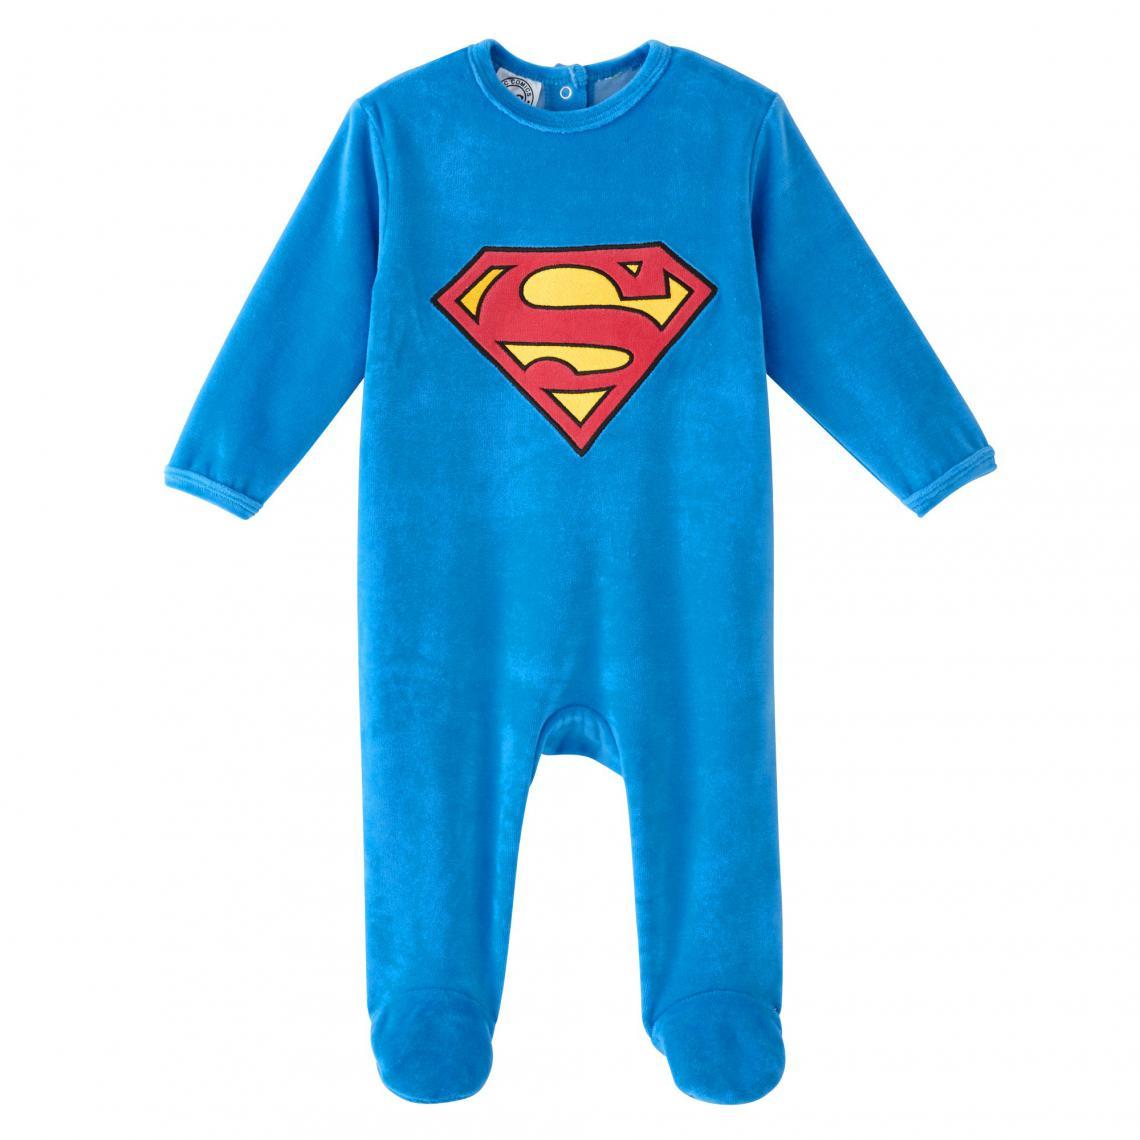 573de79c62054 Dors bien velours bébé garçon Superman - Bleu Superman Enfant